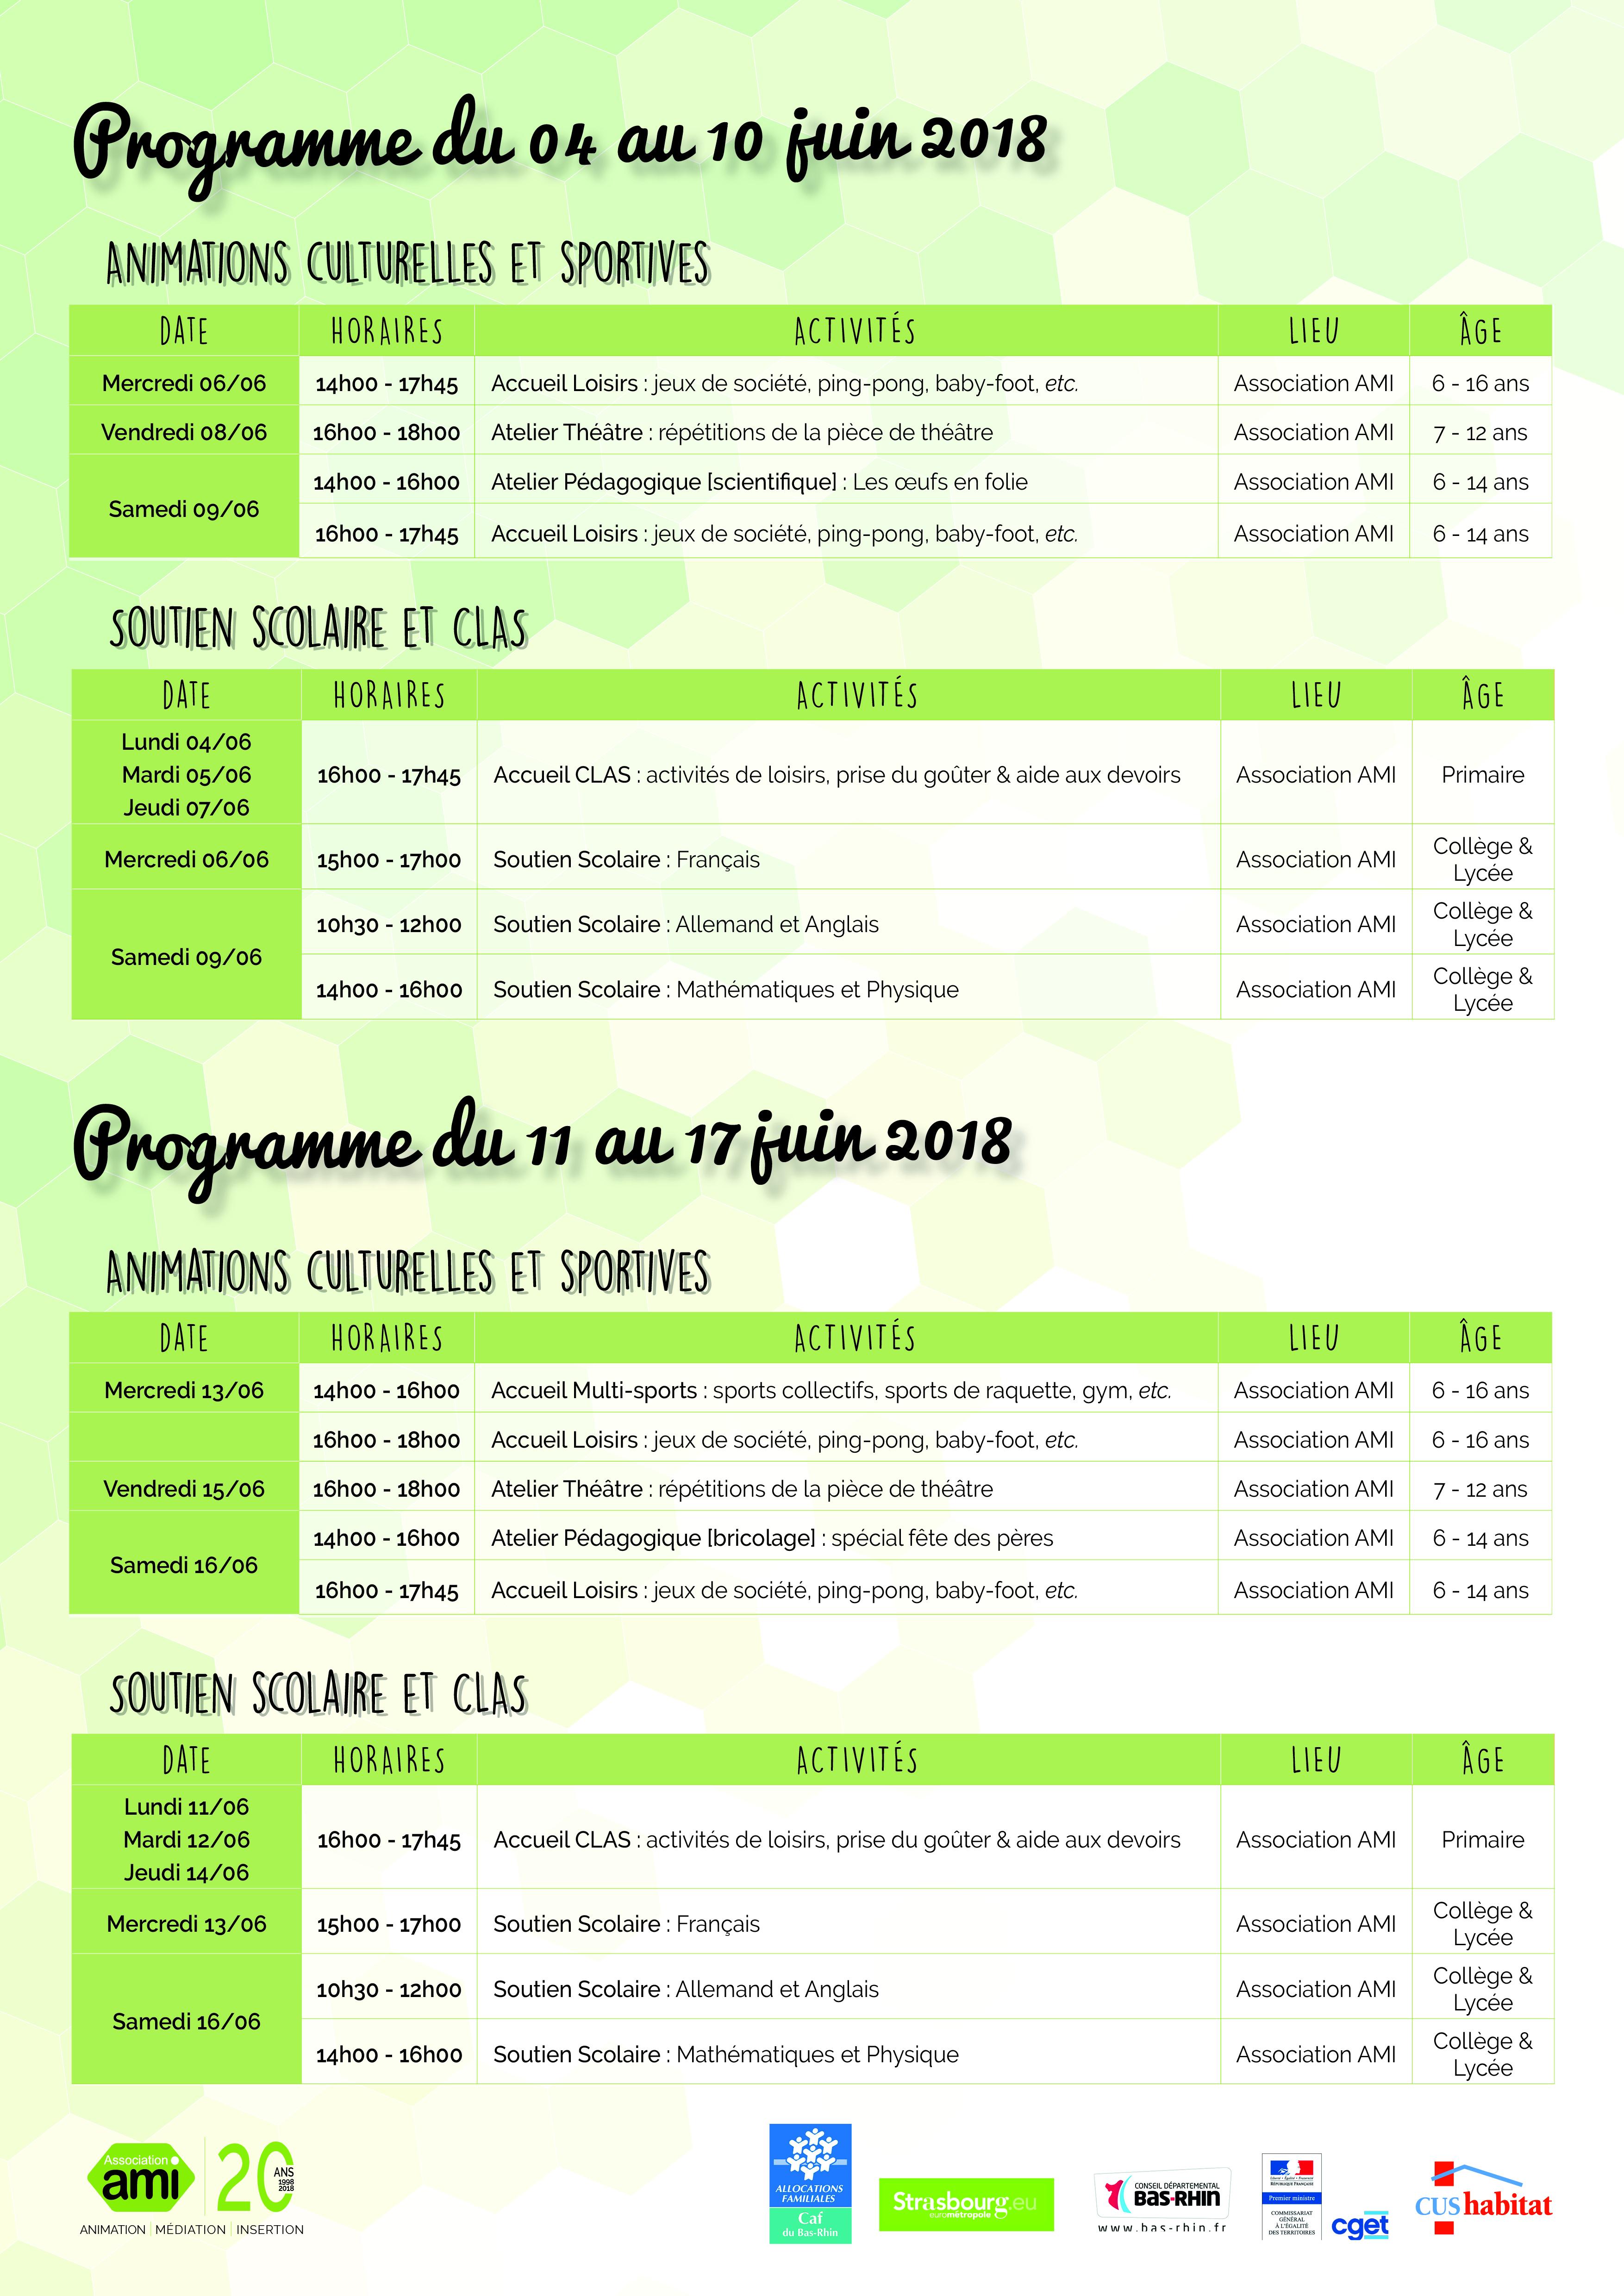 Programme du 04 au 17 juin 2018